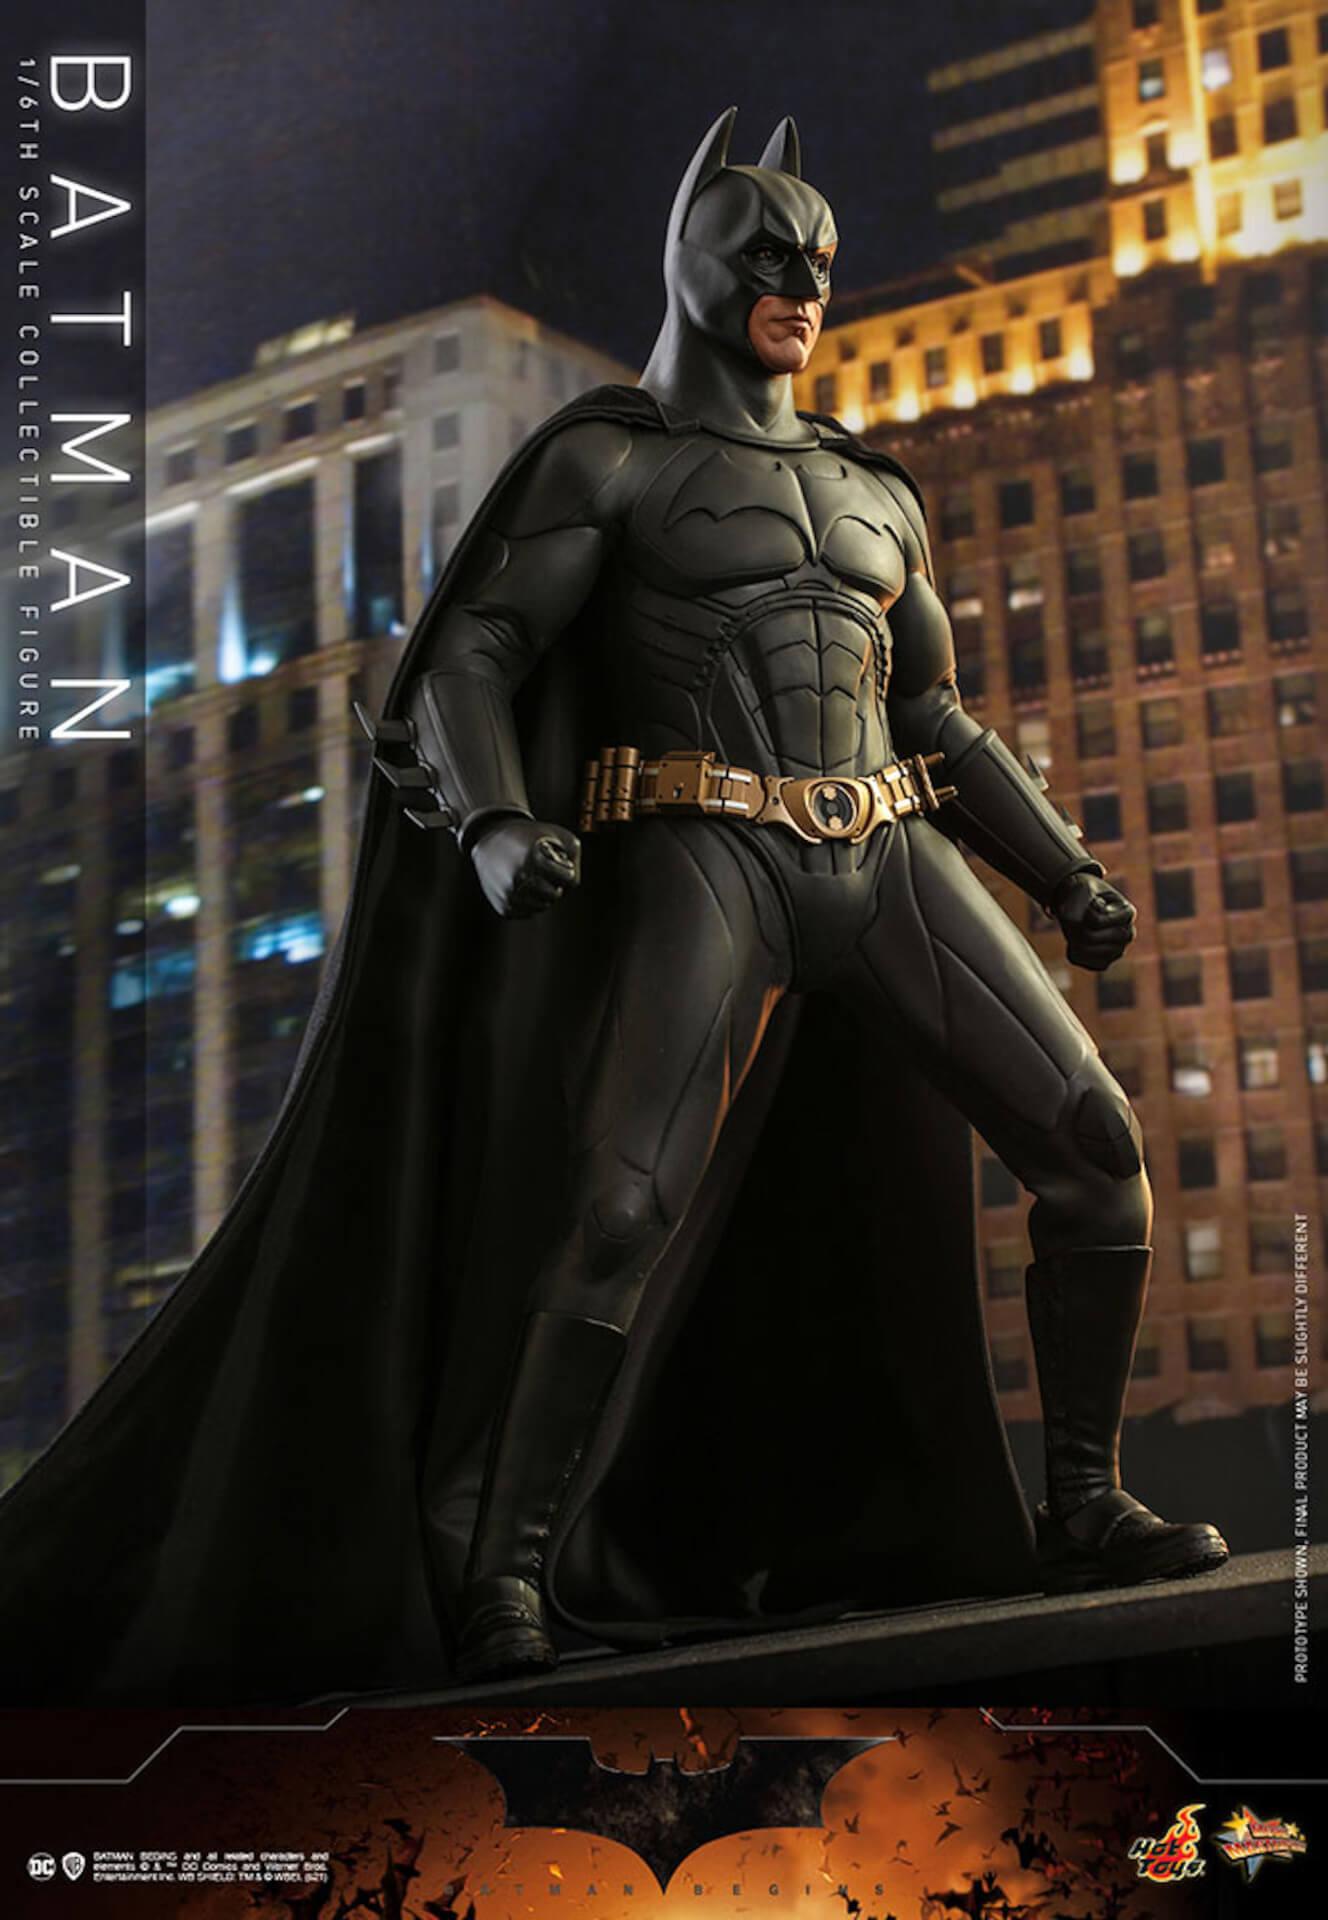 『バットマン ビギンズ』のバットマン&バットモービルが超精巧なフィギュアに!ホットトイズから発売決定 art210401_hottoys_batmanbegins_12